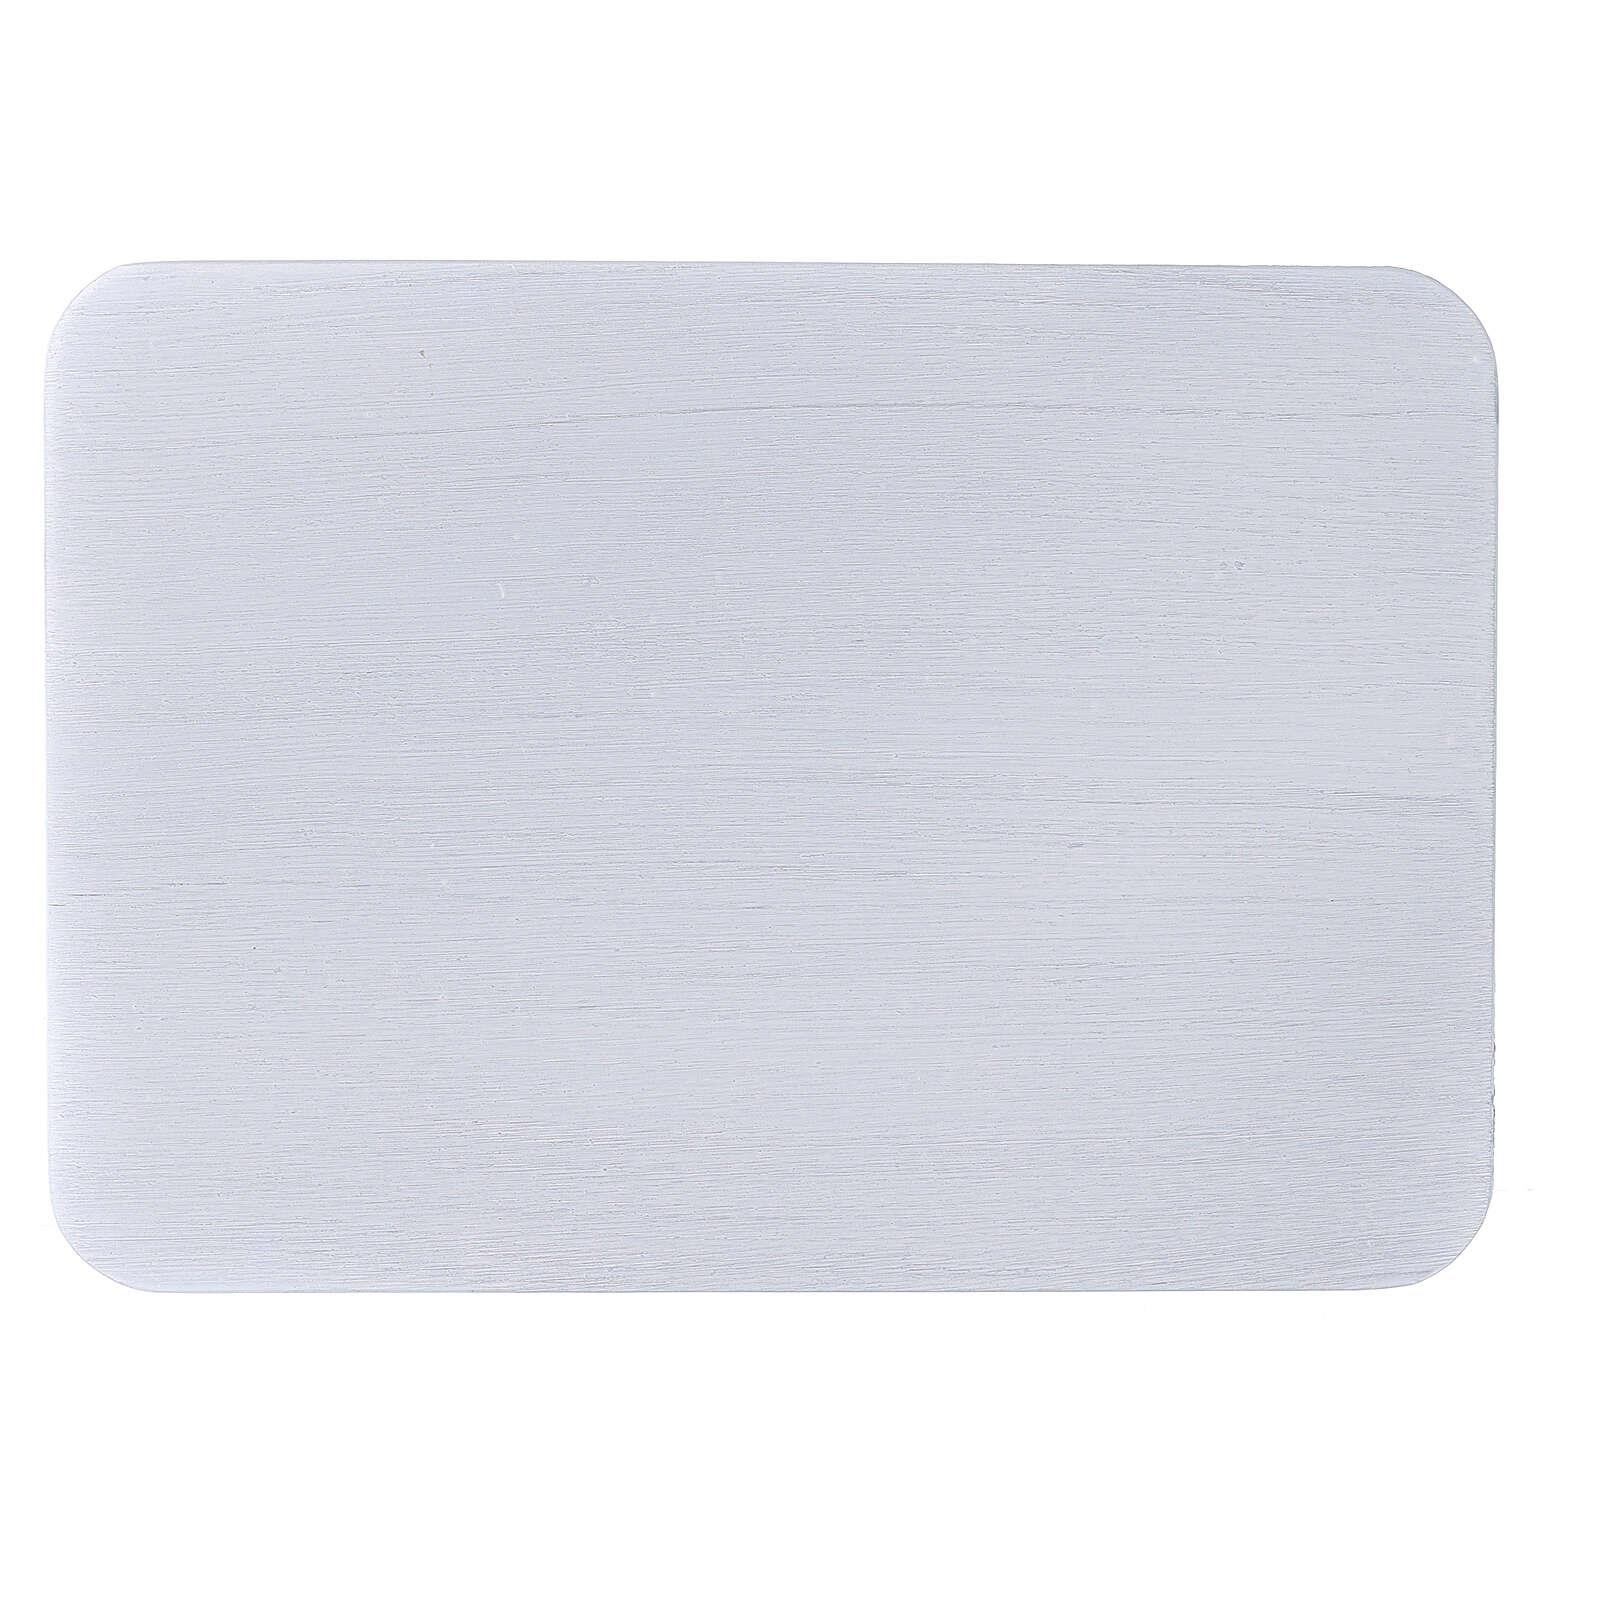 Piatto portacero alluminio spazzolato 17x12 cm rettangolare 3